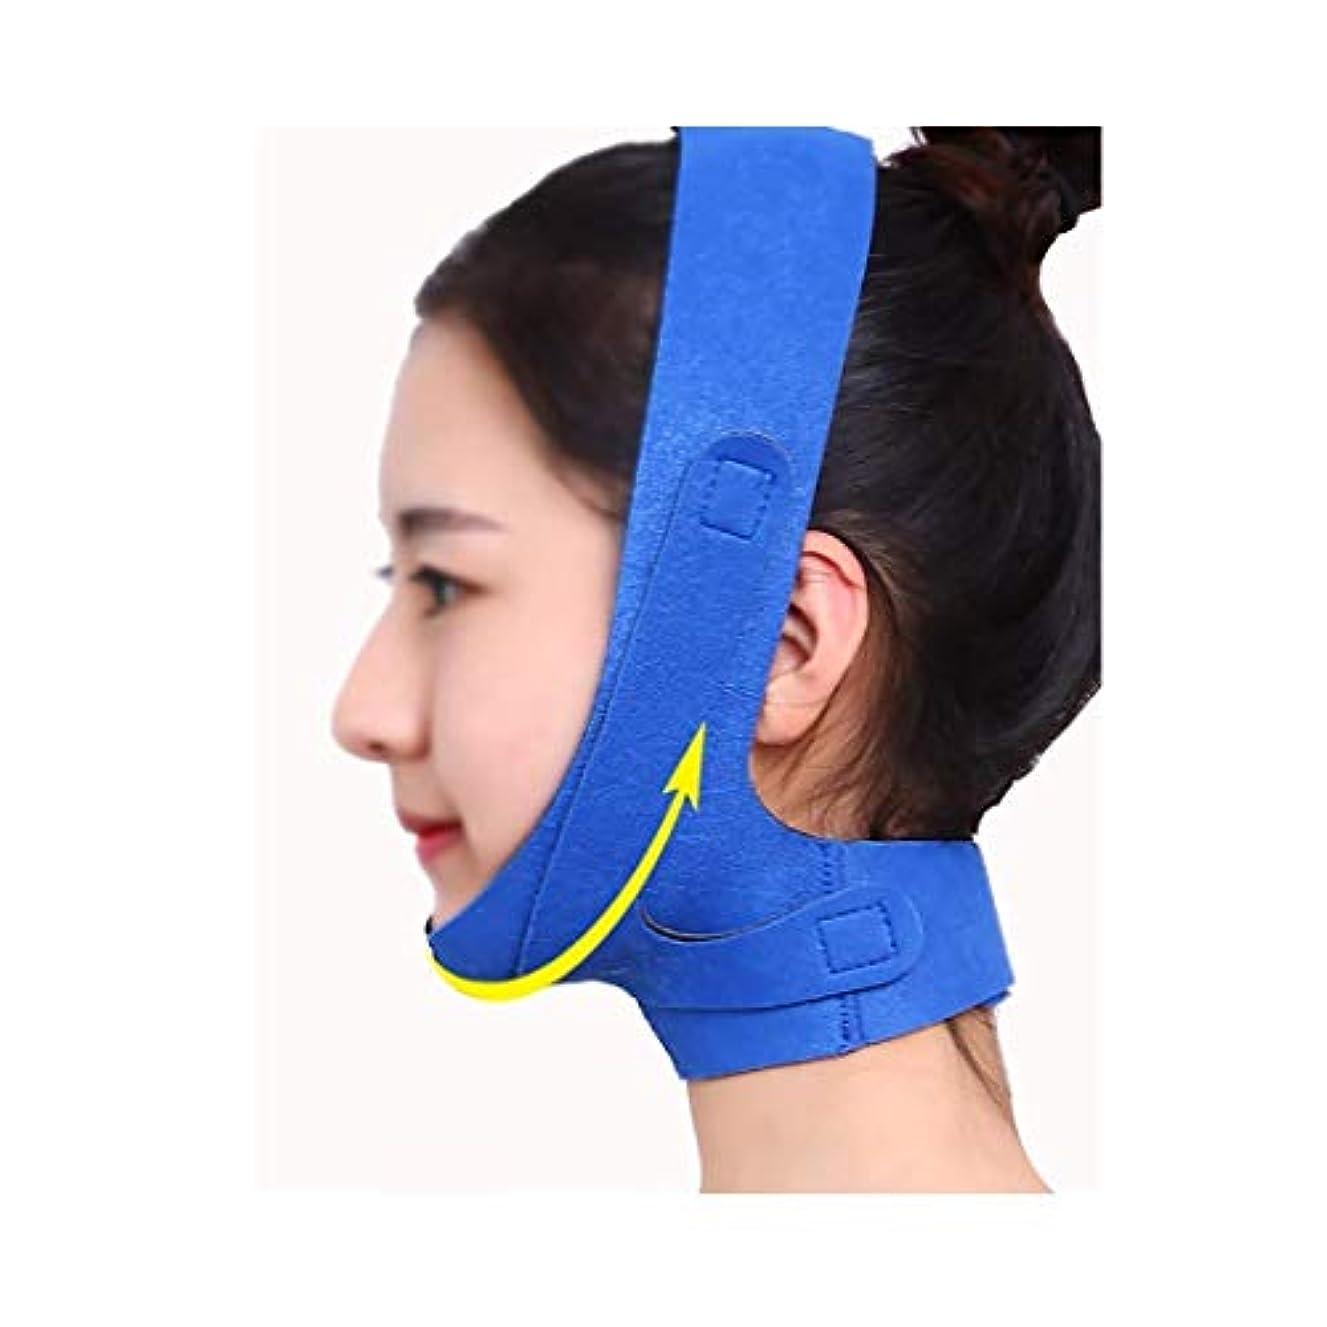 レタッチパースブラックボロウマンモスフェイスリフトマスク、あごストラップ回復包帯睡眠薄いフェイスバンデージ薄いフェイスマスクフェイスリフトアーティファクトフェイスリフト美容マスク包帯青いフェイスマスクで小さなV顔を強化するには